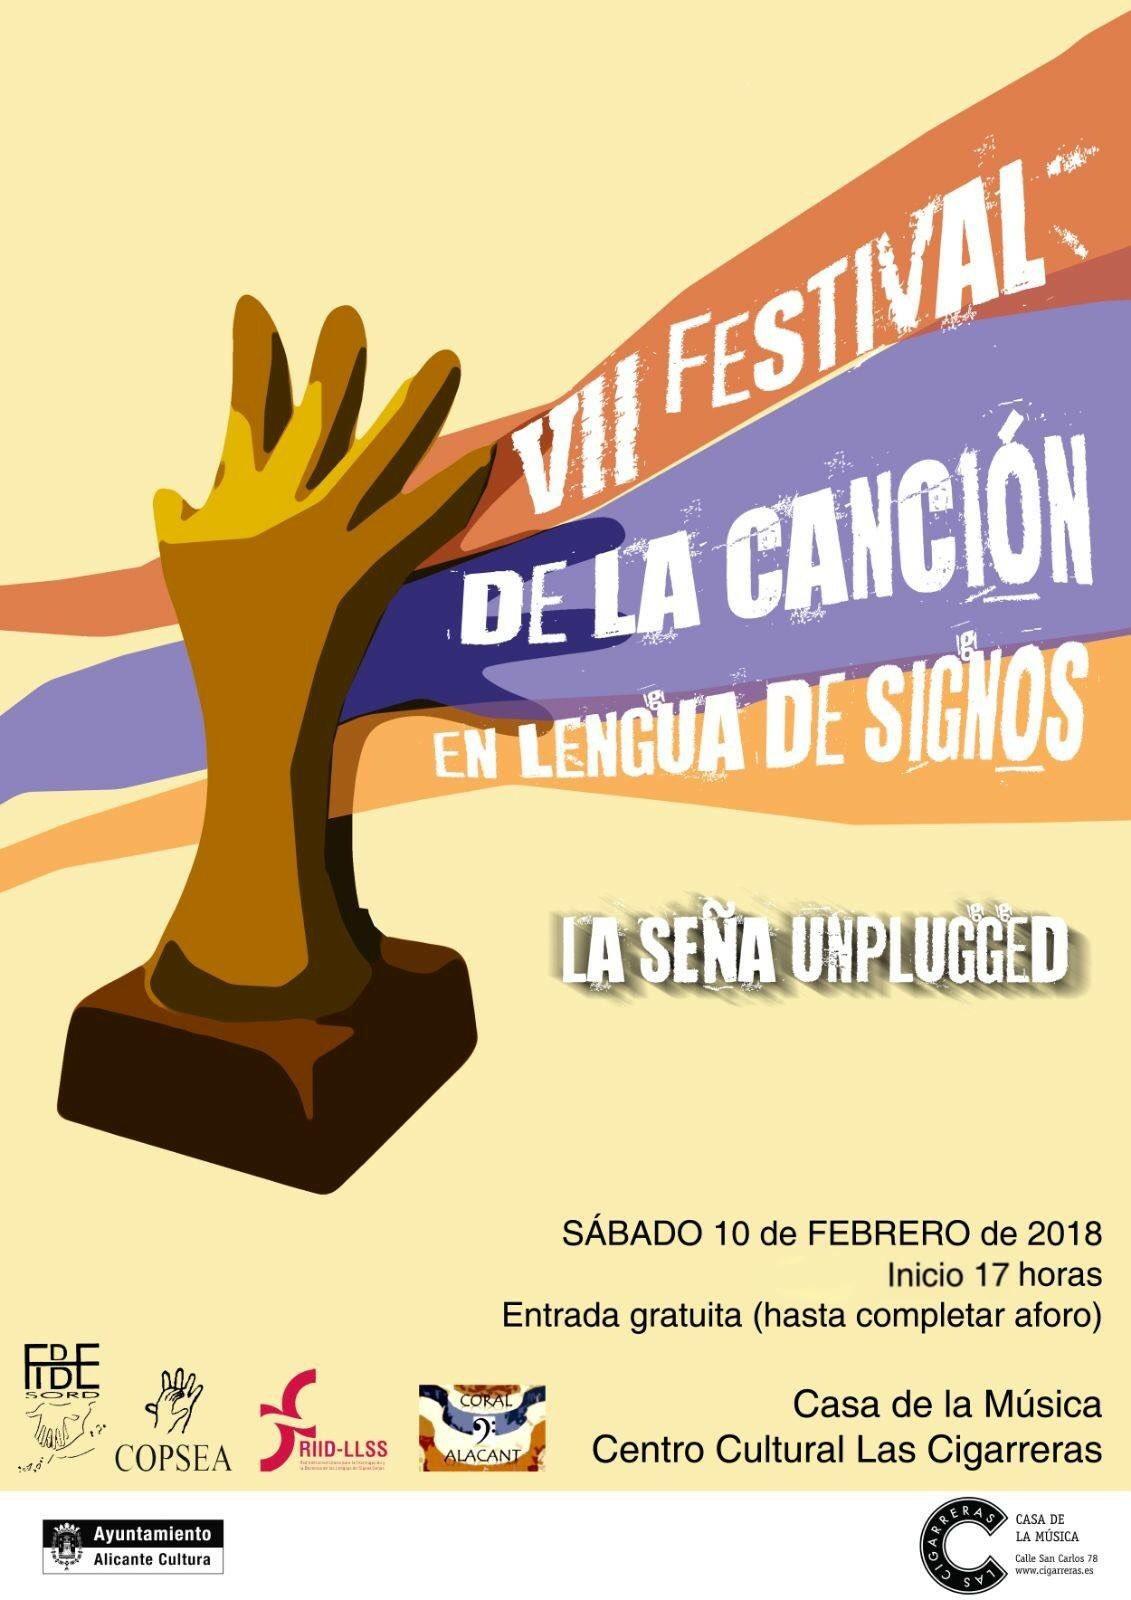 """VII Festival de la Canción en lengua de signos """"La Seña Unplugged"""" - Alicante 10 de feb.'18 DVXjWPjWsAAfG1i"""